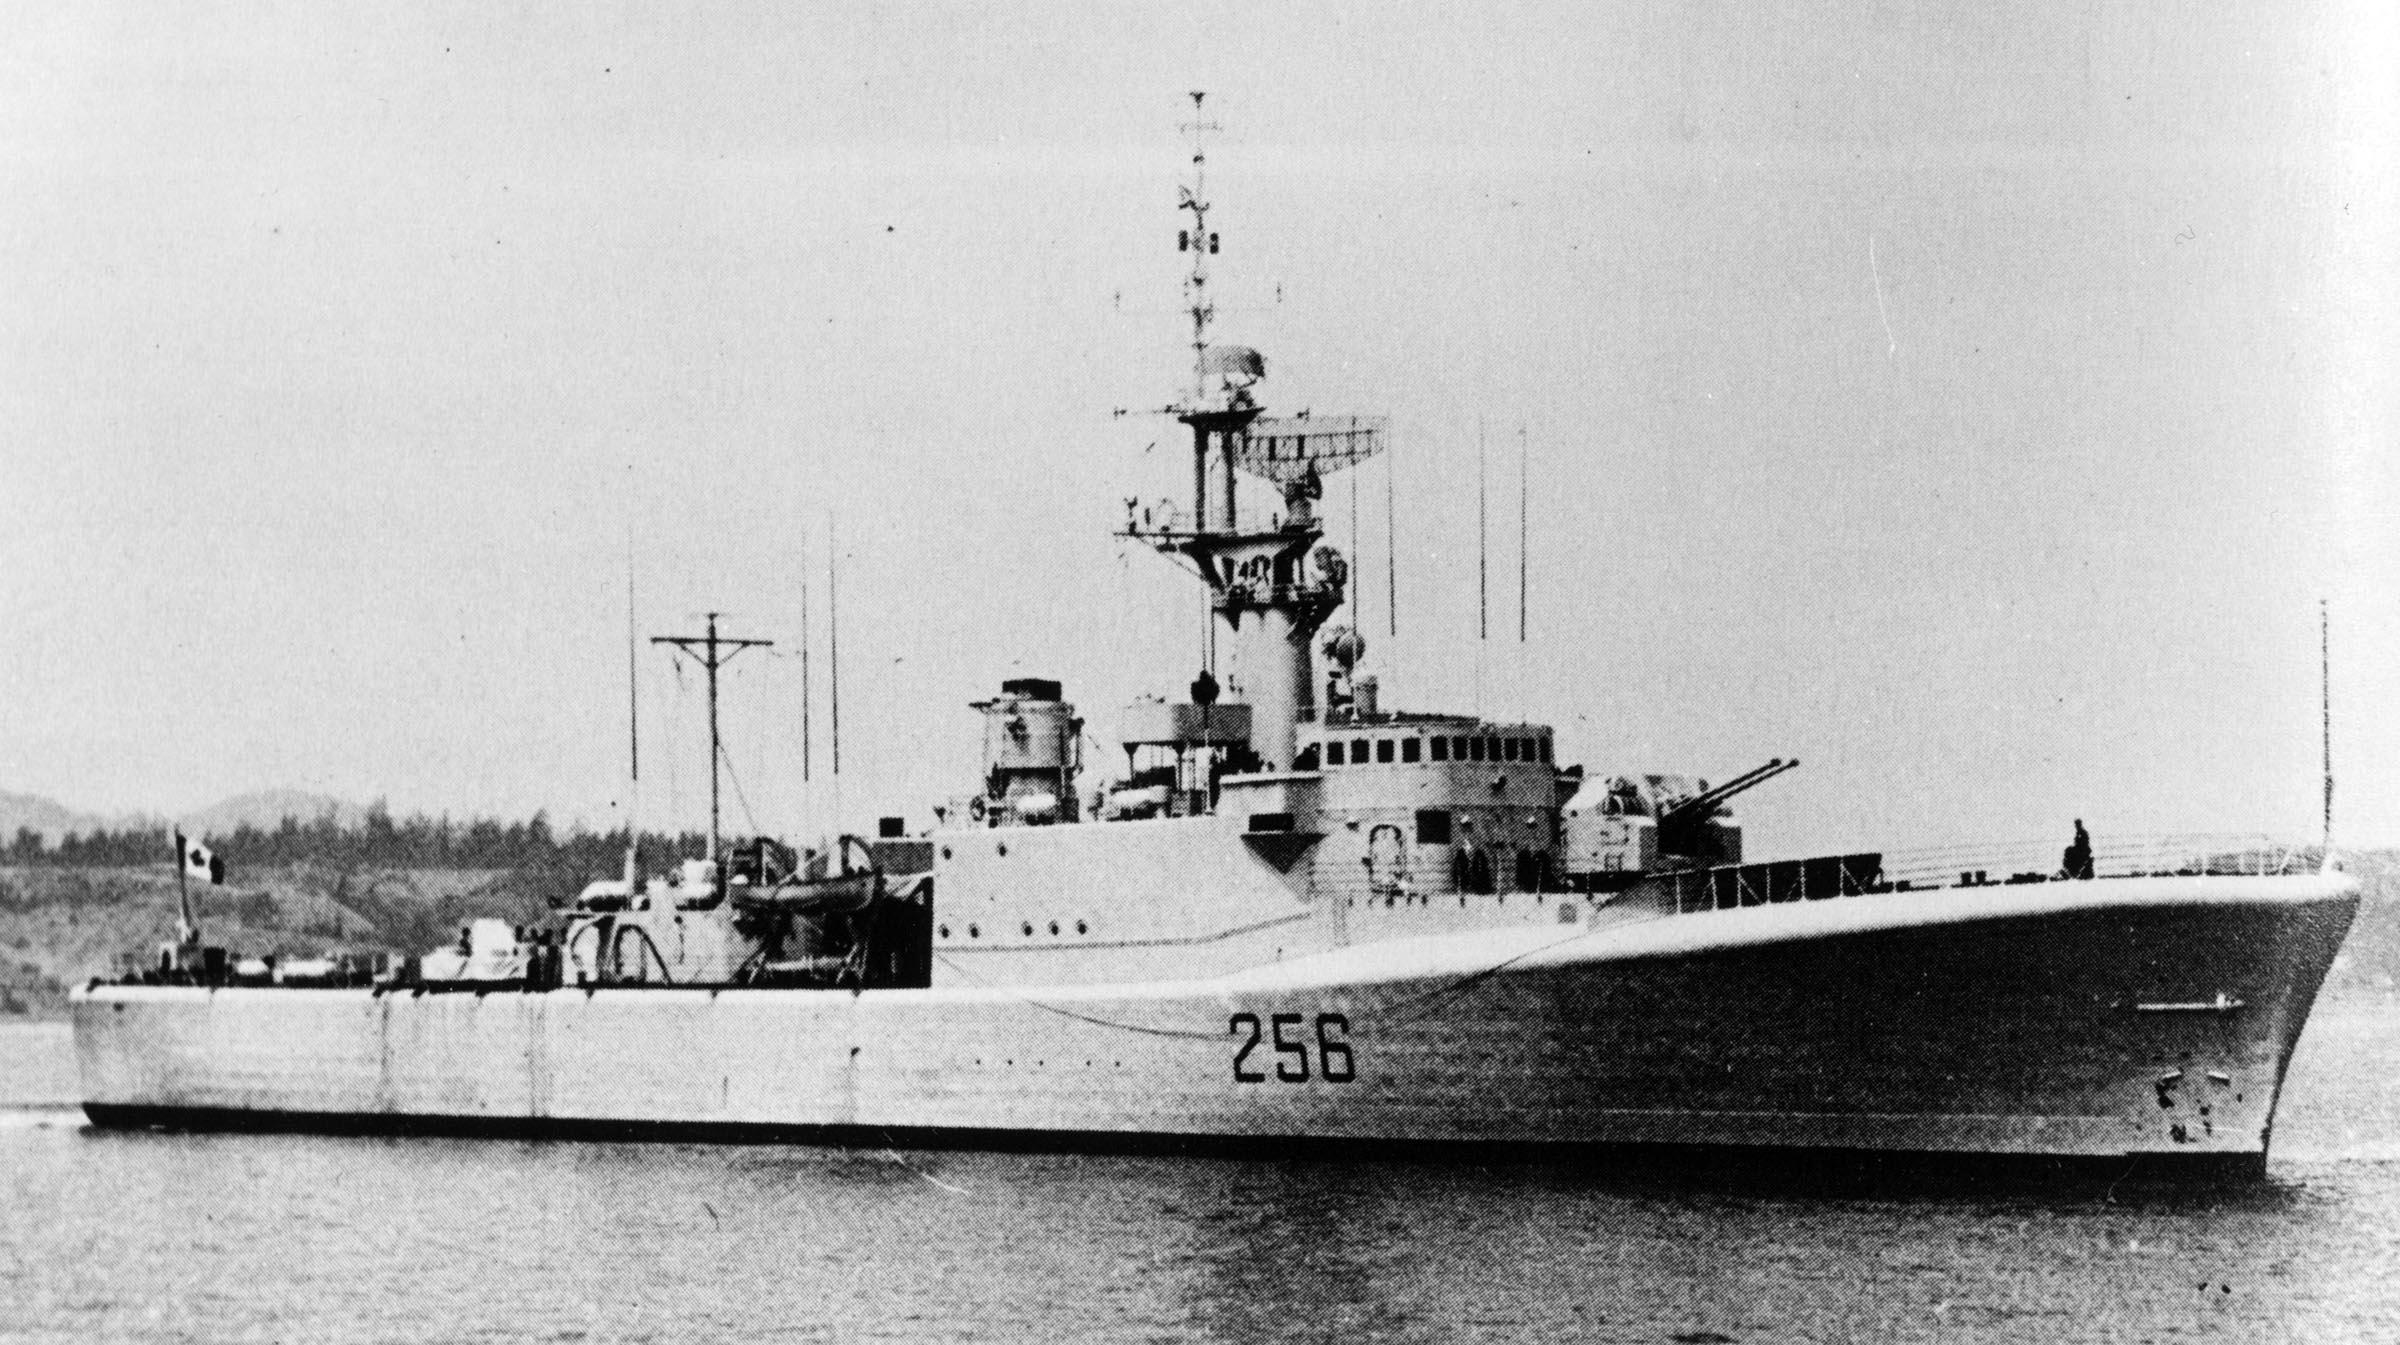 HMCS ST. CROIX (2nd)